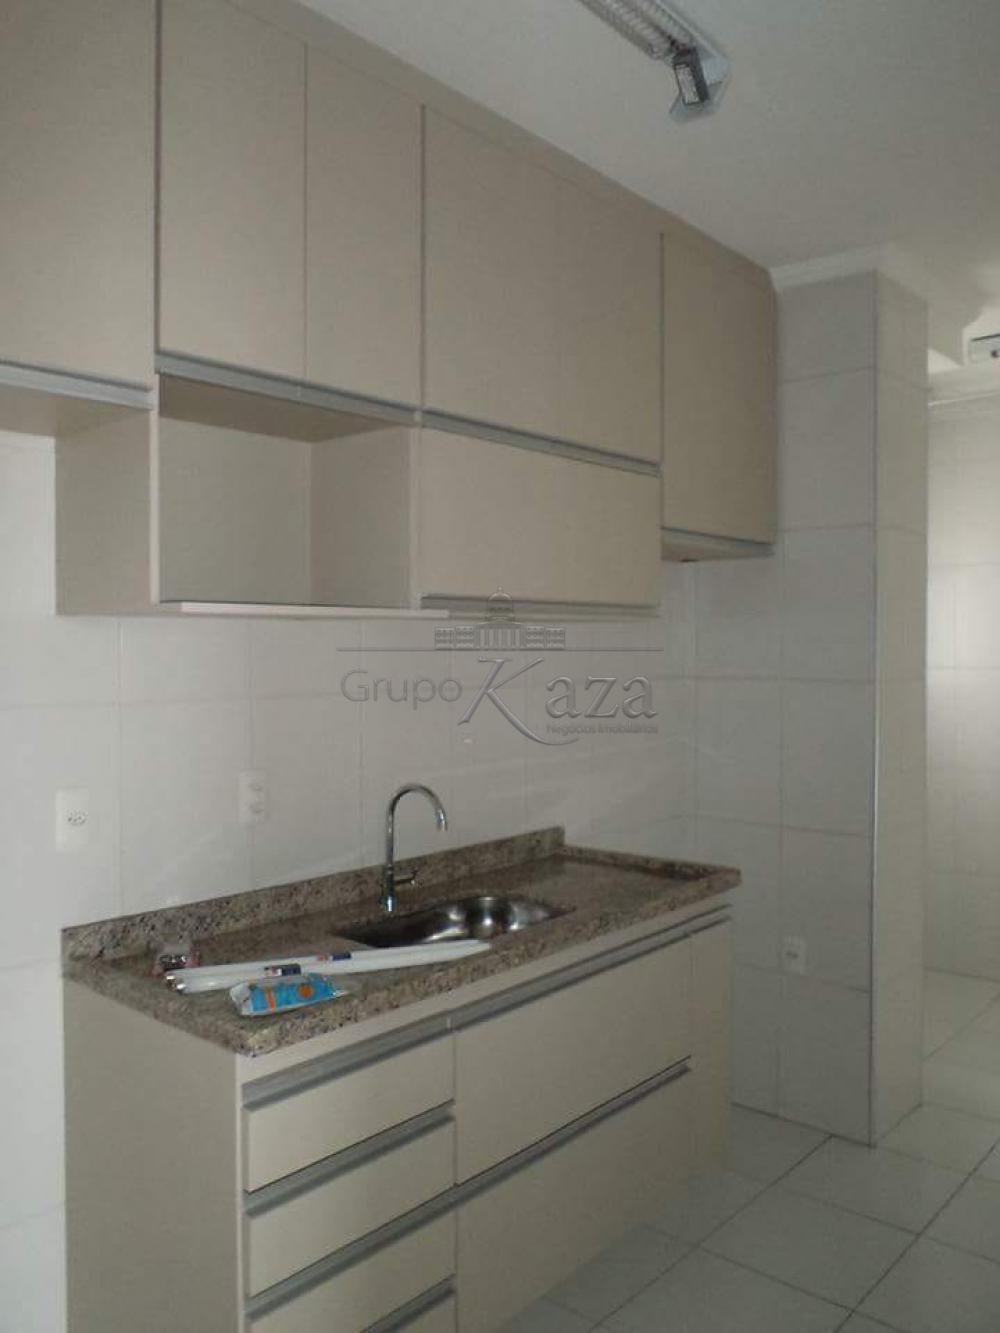 alt='Alugar Apartamento / Padrão em São José dos Campos R$ 1.250,00 - Foto 4' title='Alugar Apartamento / Padrão em São José dos Campos R$ 1.250,00 - Foto 4'